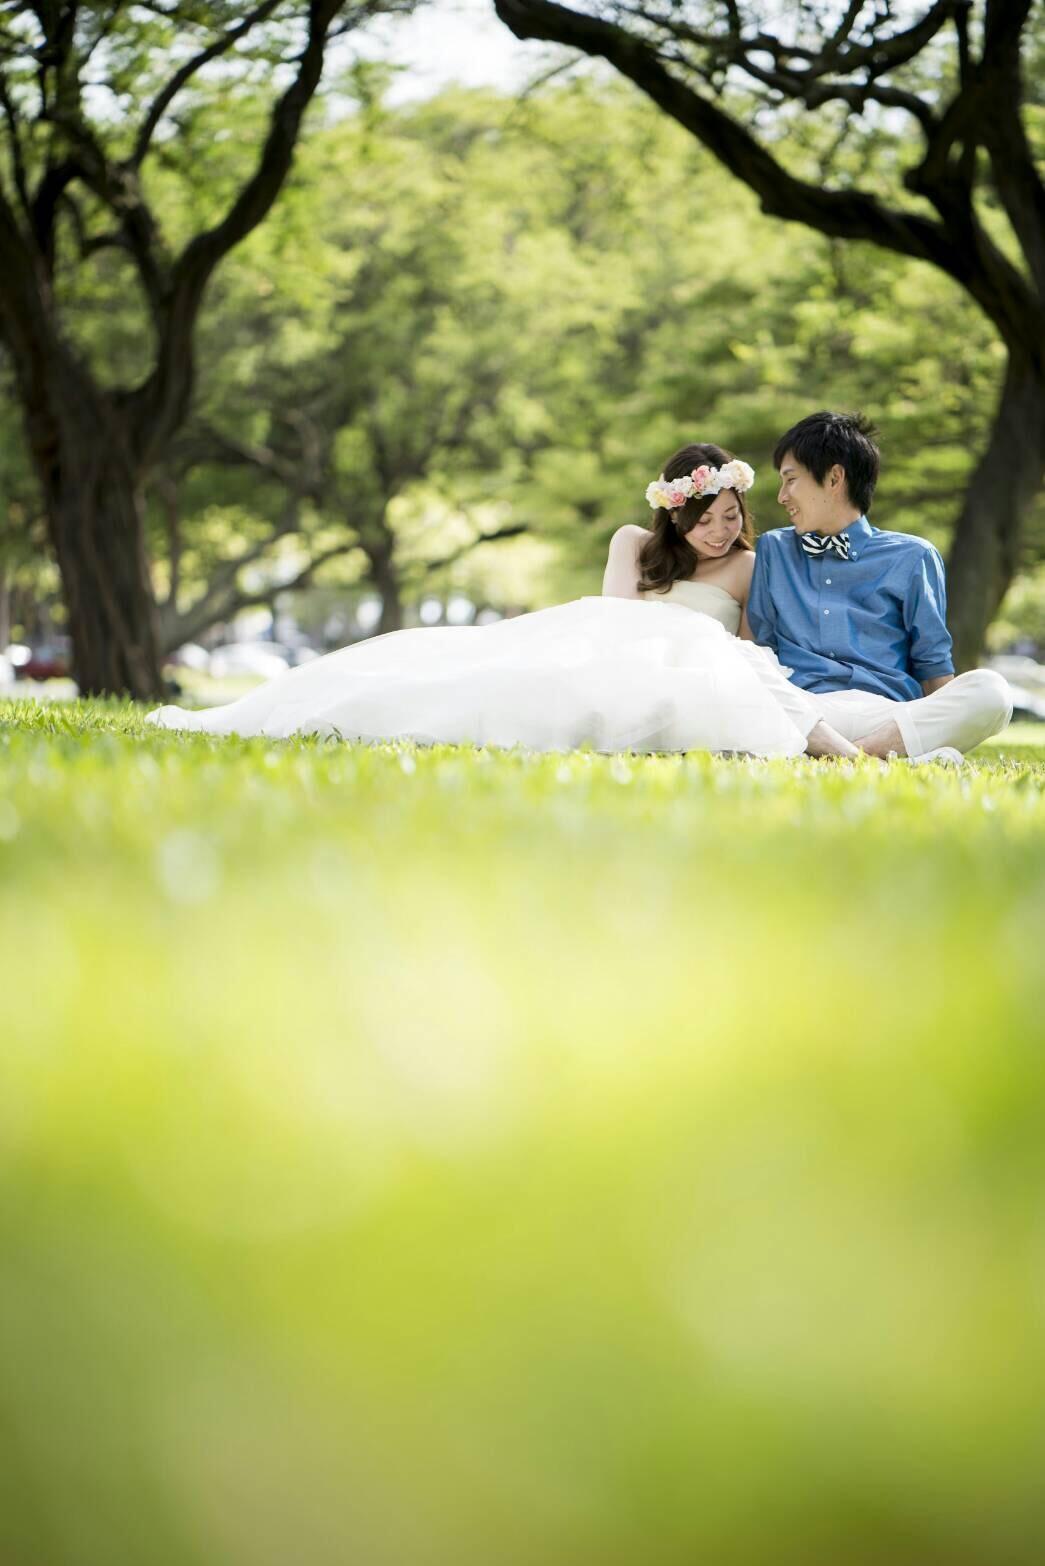 5月の花嫁_b0208604_23421119.jpeg